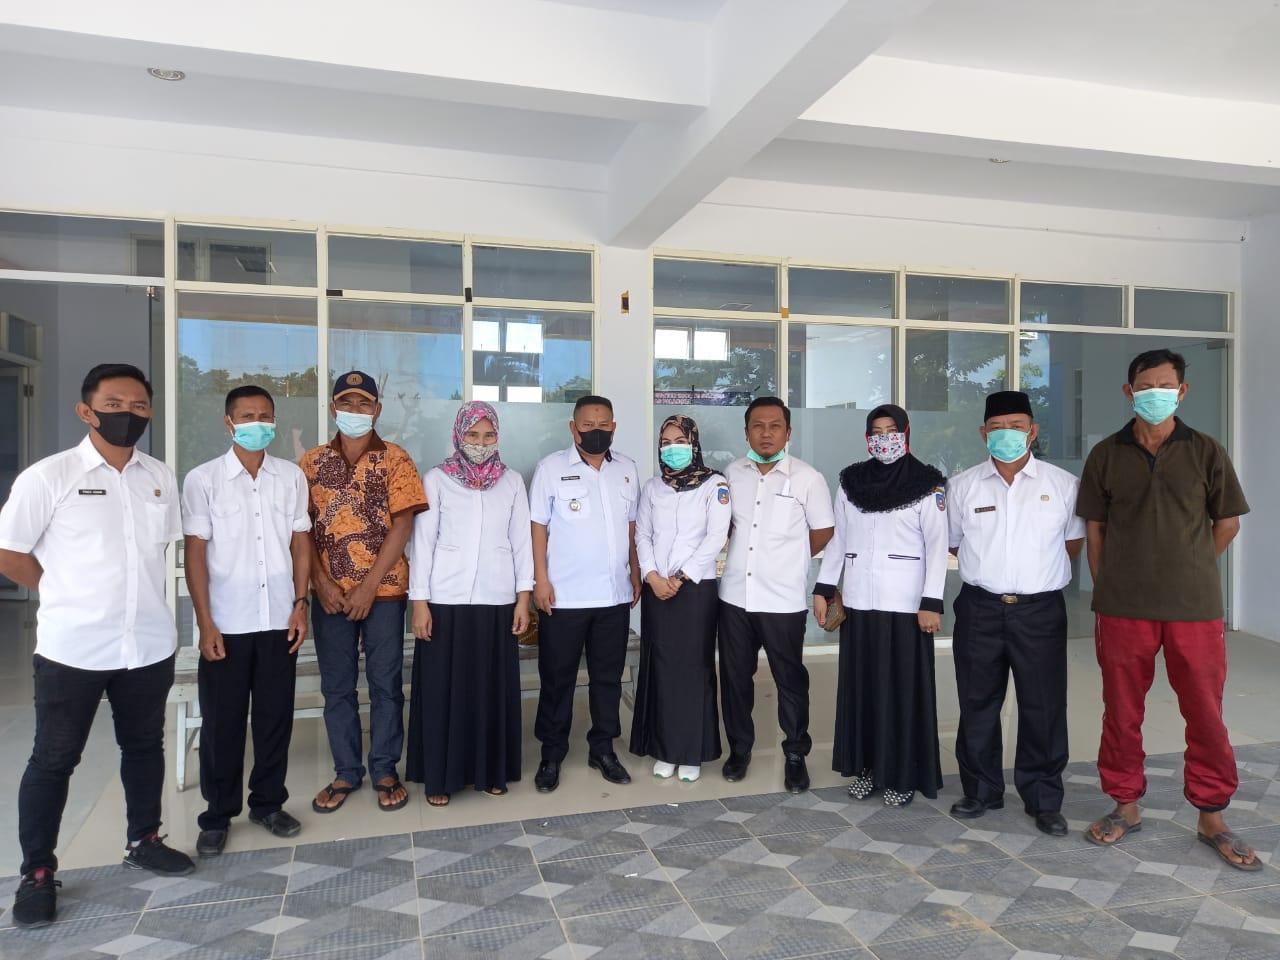 Antisipasi Penyebaran COVID-19, Pemerintah Kelurahan Lakukan Vaksinasi Tahap Pertama